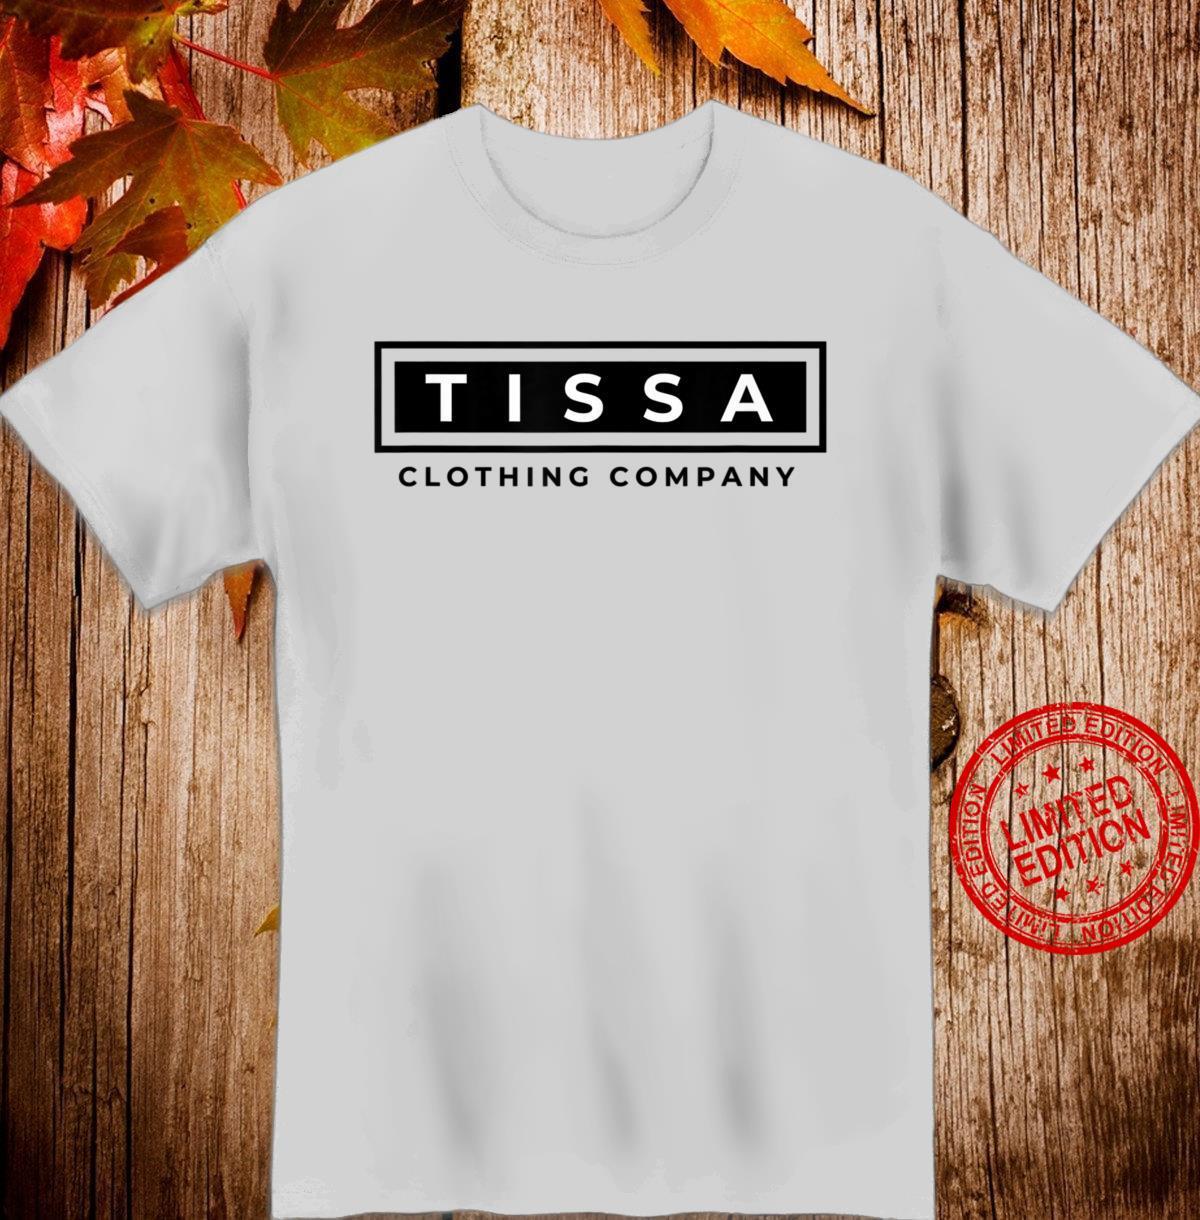 Tissa Clothing Company Shirt